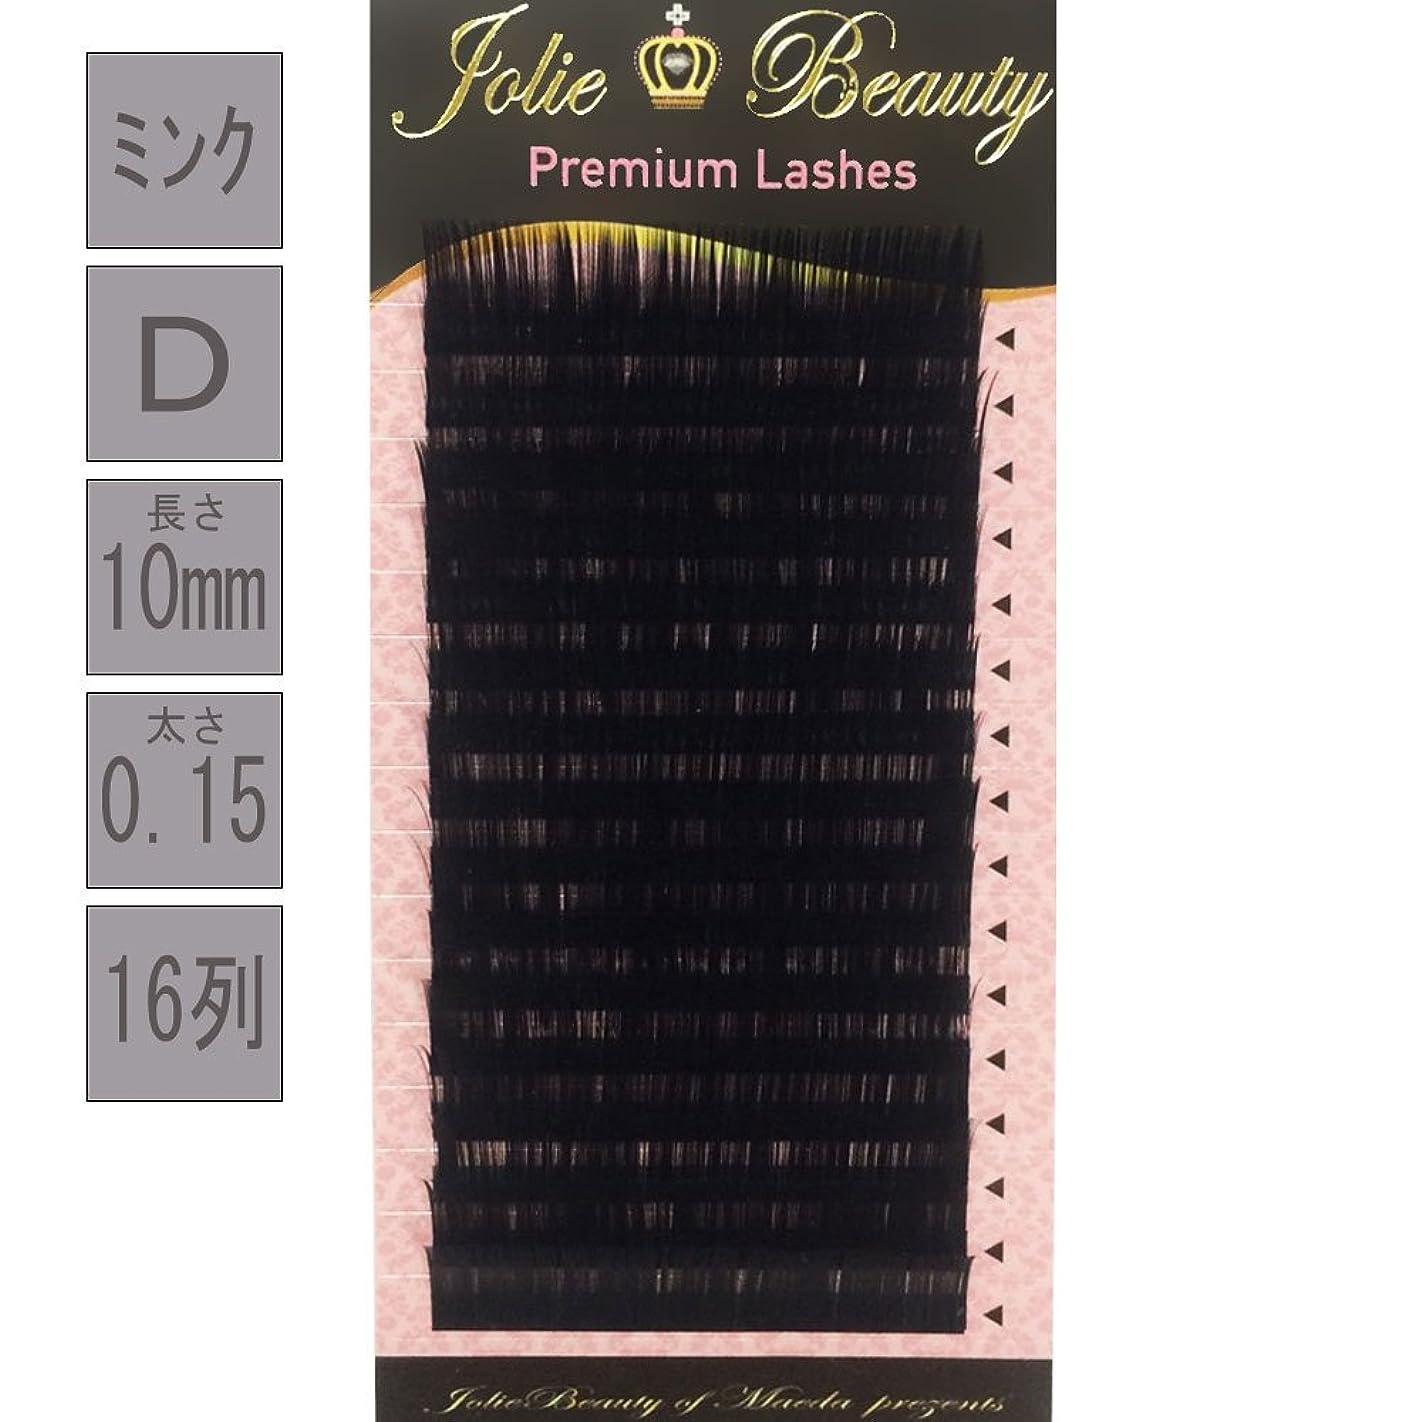 マウスうま高いまつ毛 エクステ 長さ 10mm ( 10ミリ ) 太さ 0.10 0.15 0.18 0.20 0.25 MINK ( ミンク ) 原産国 韓国 (0.15, D)